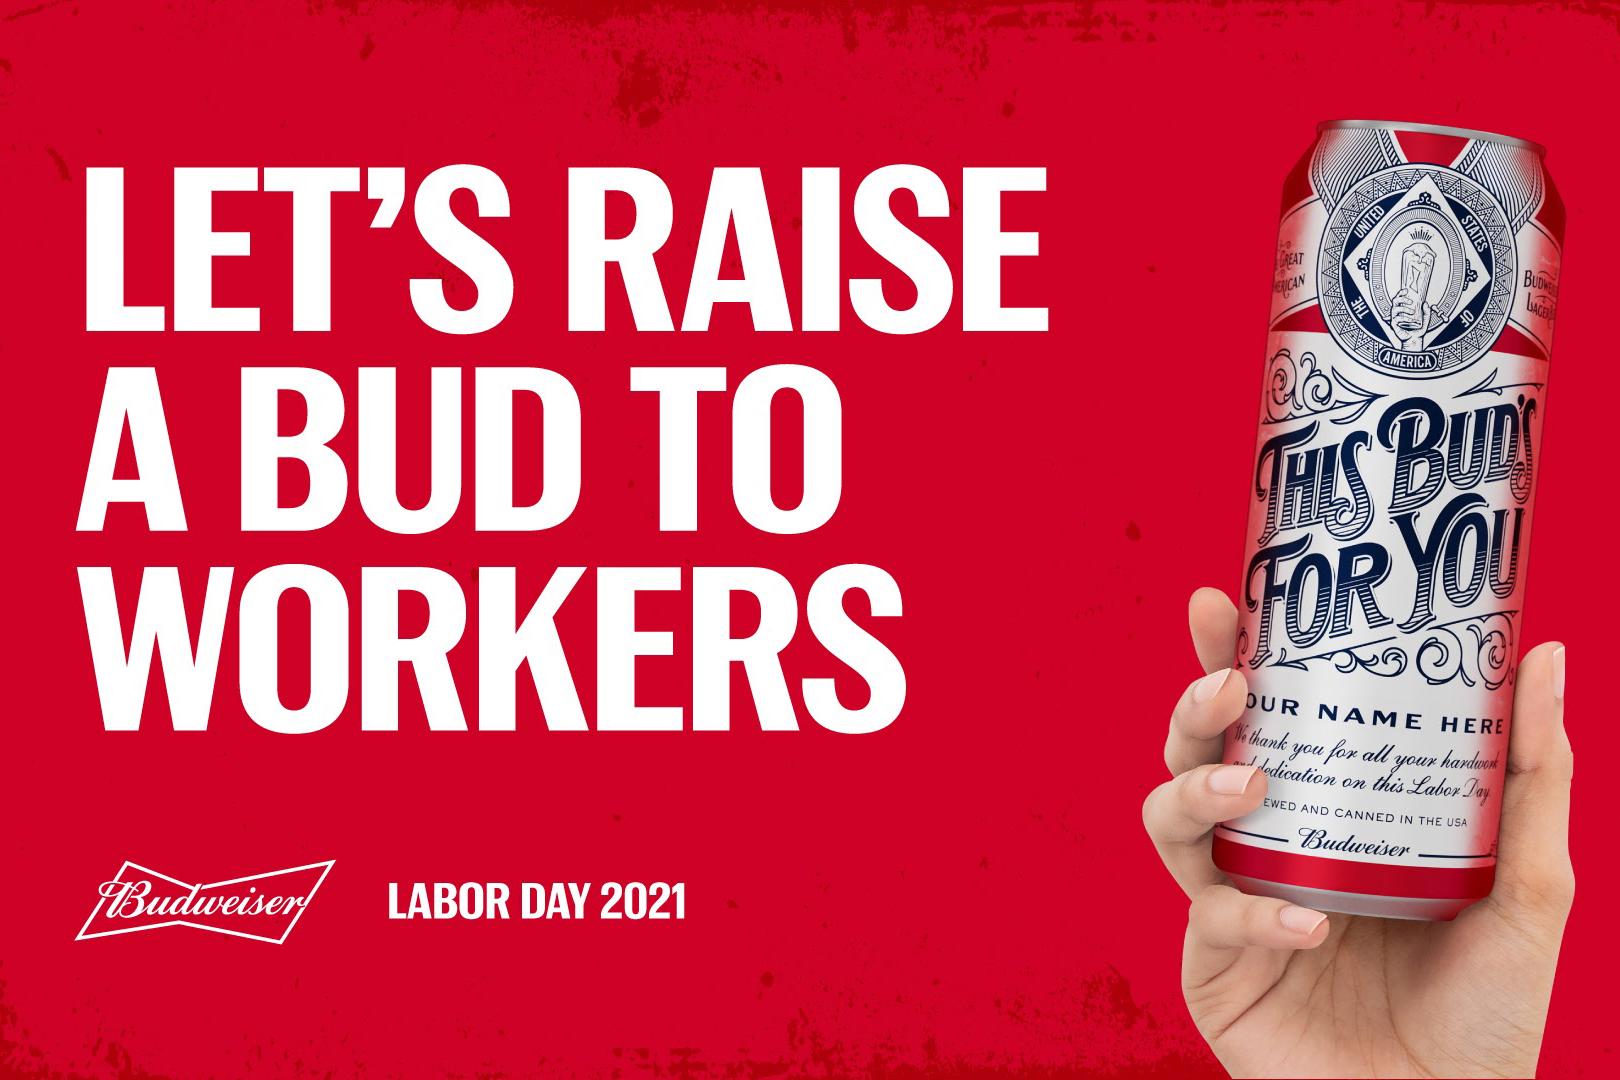 Budweiser Raise a Bud